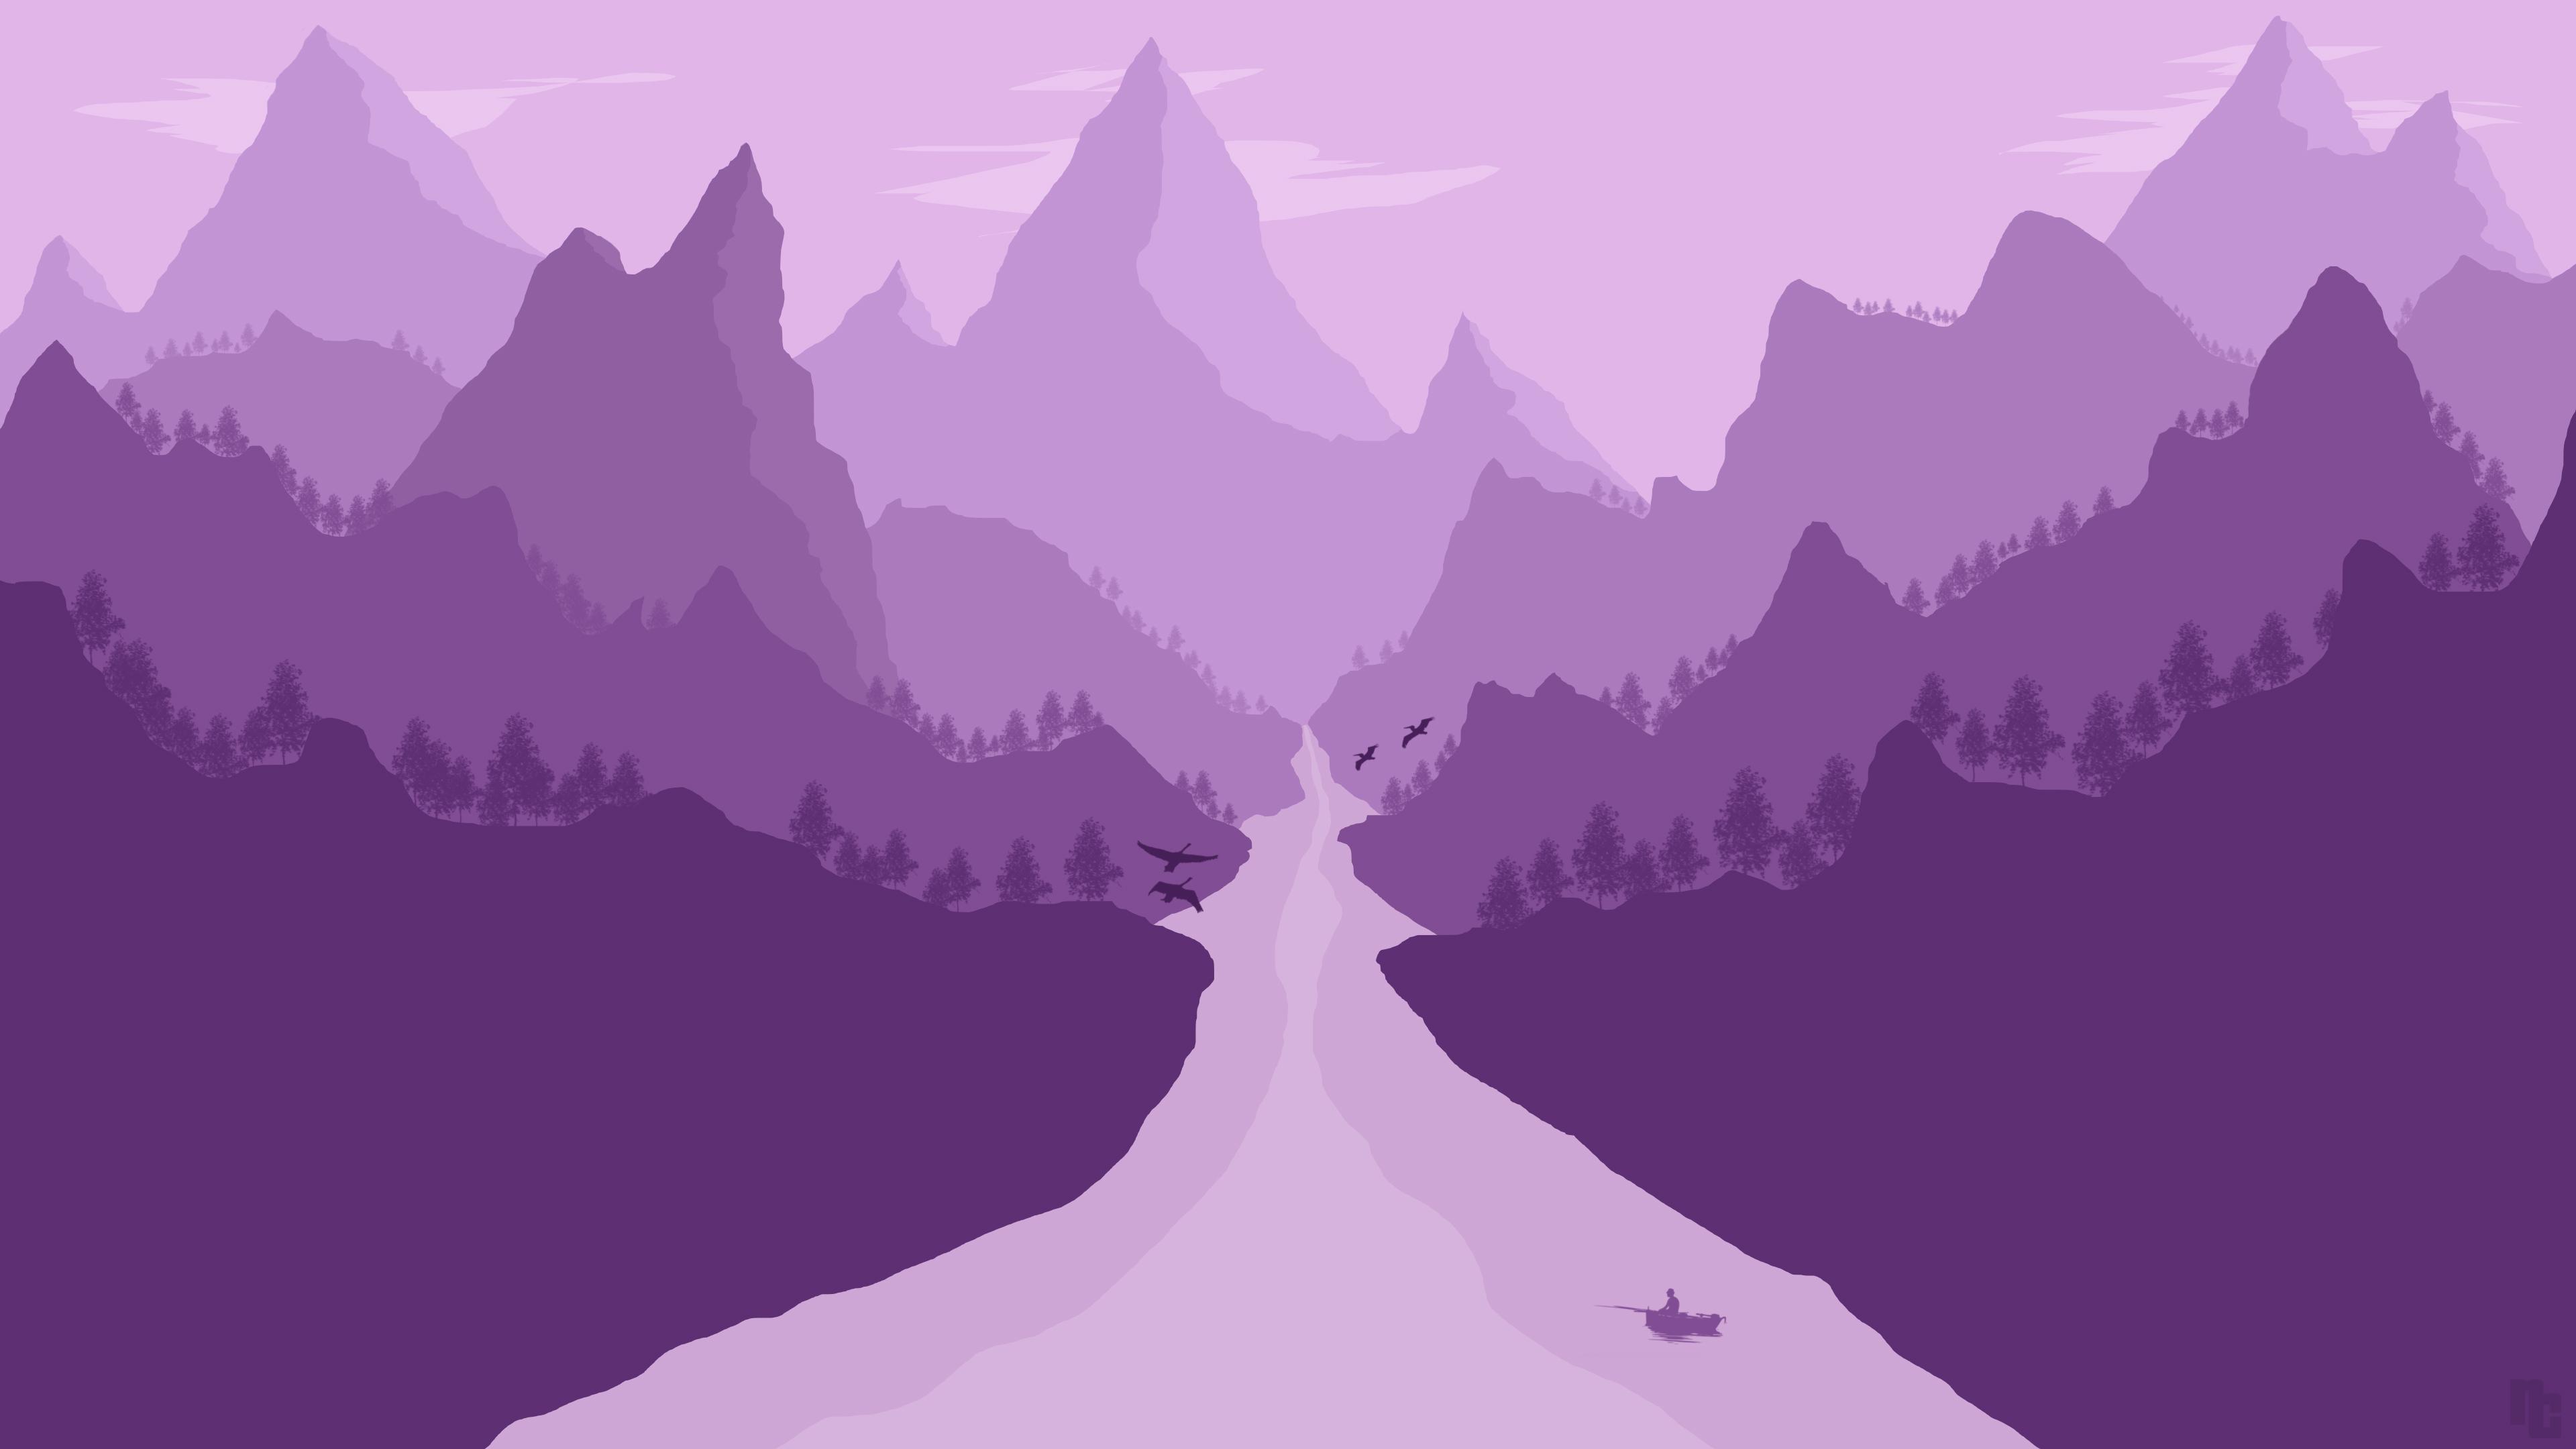 images?q=tbn:ANd9GcQh_l3eQ5xwiPy07kGEXjmjgmBKBRB7H2mRxCGhv1tFWg5c_mWT Best Of Minimalist Vector Art Background @koolgadgetz.com.info